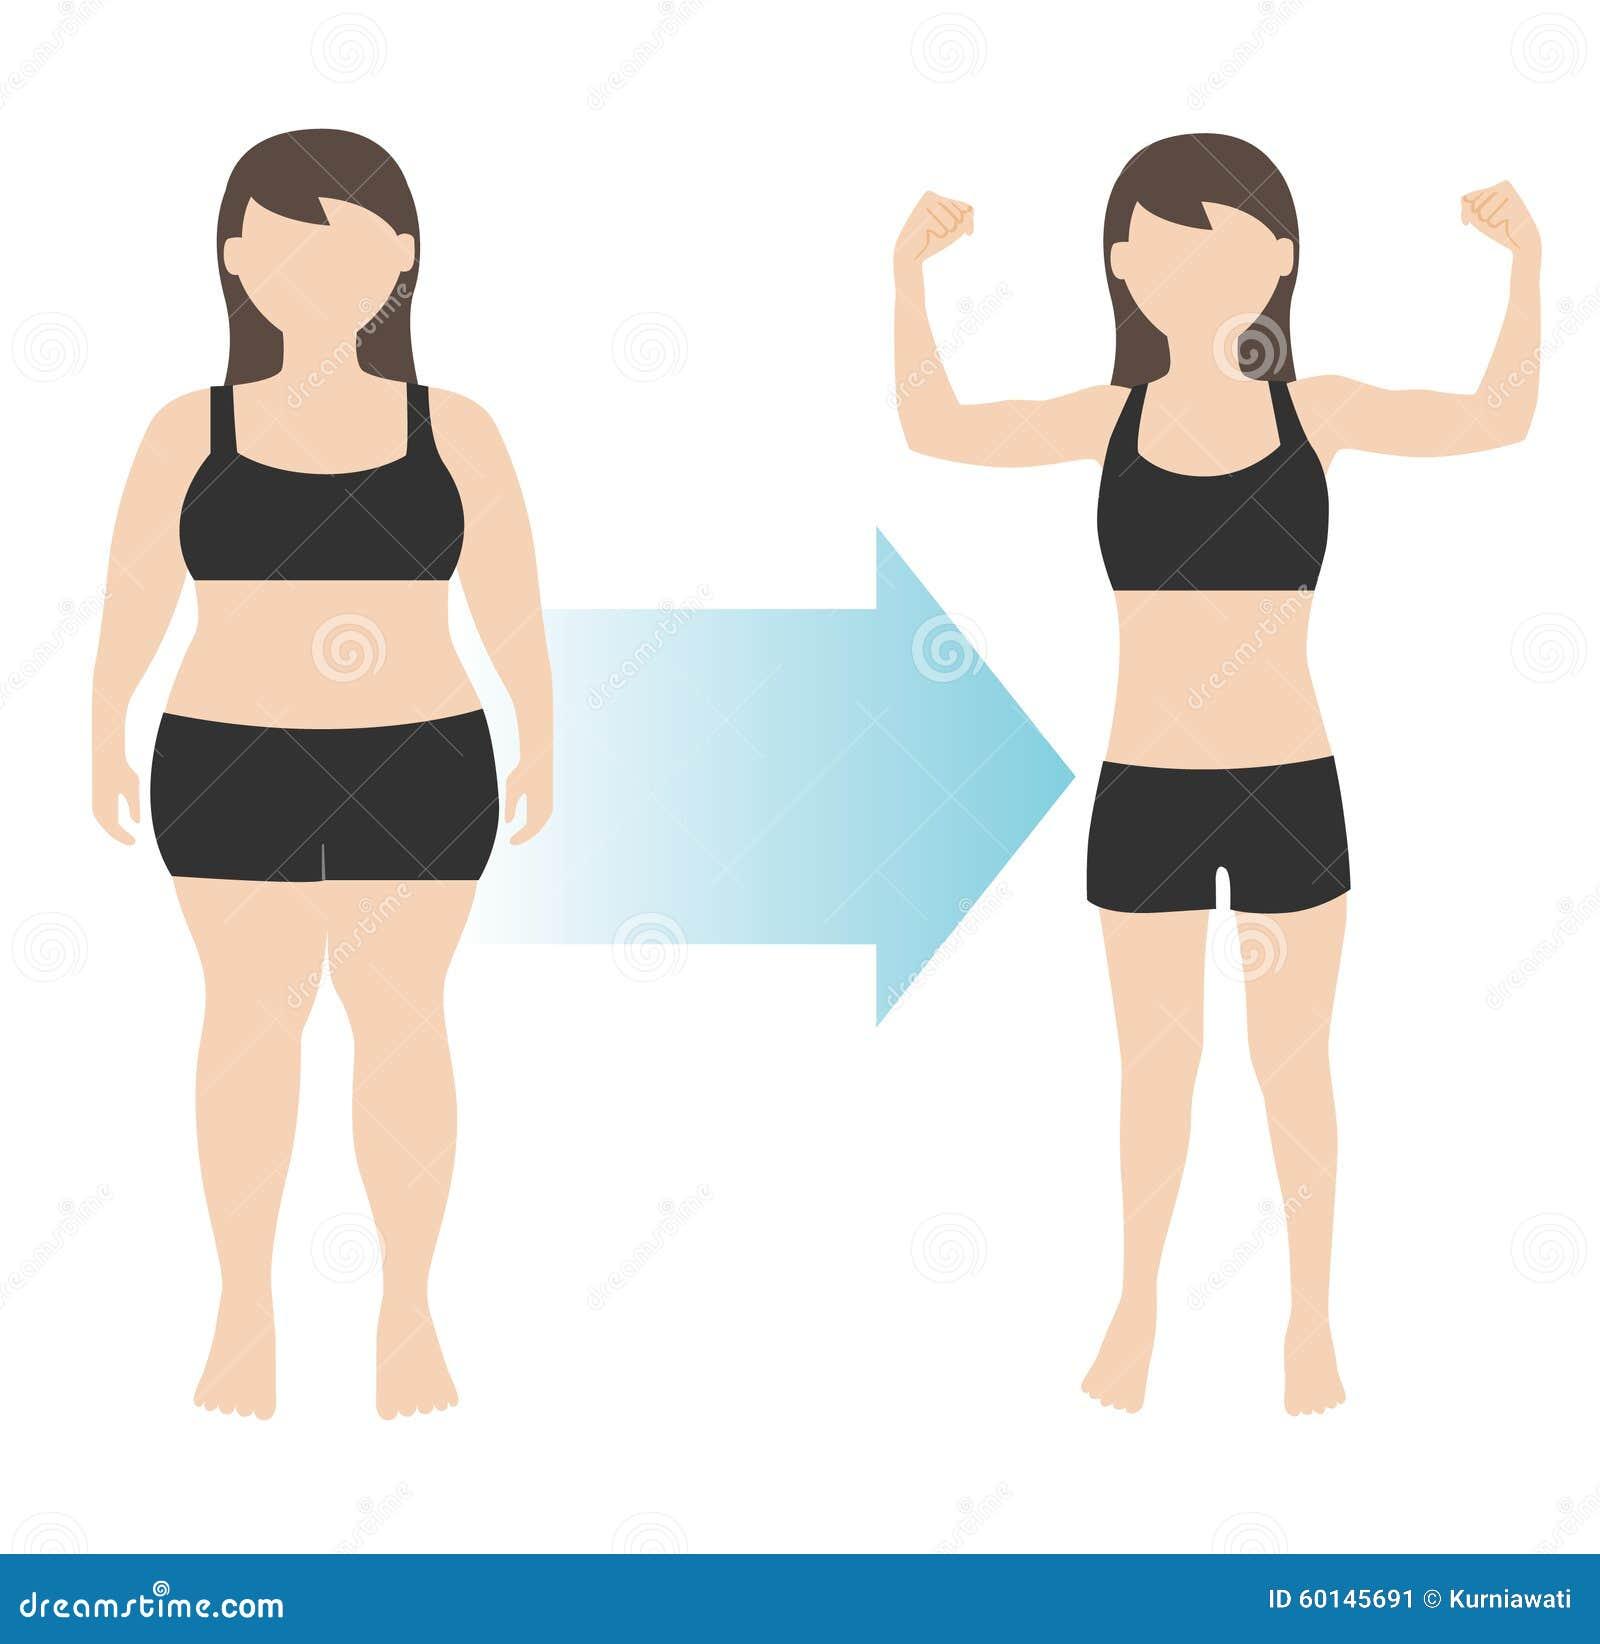 transformation du corps perte de graisse Le varech aidera-t-il à perdre du poids